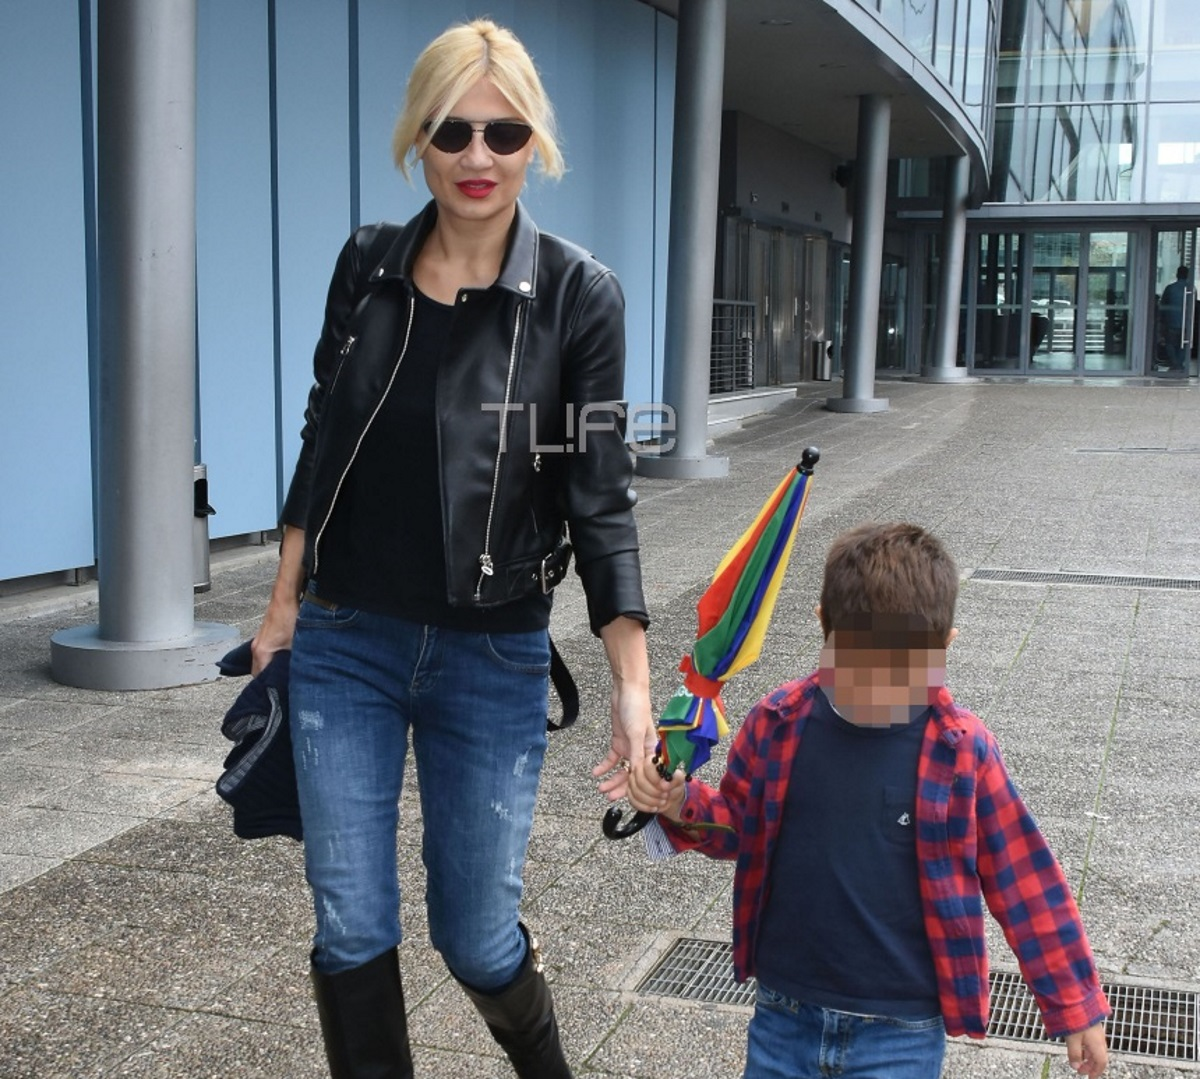 Φαίη Σκορδά: Full time μητέρα! Στο θέατρο με τον μικρότερο γιο της, Δημήτρη [pics]